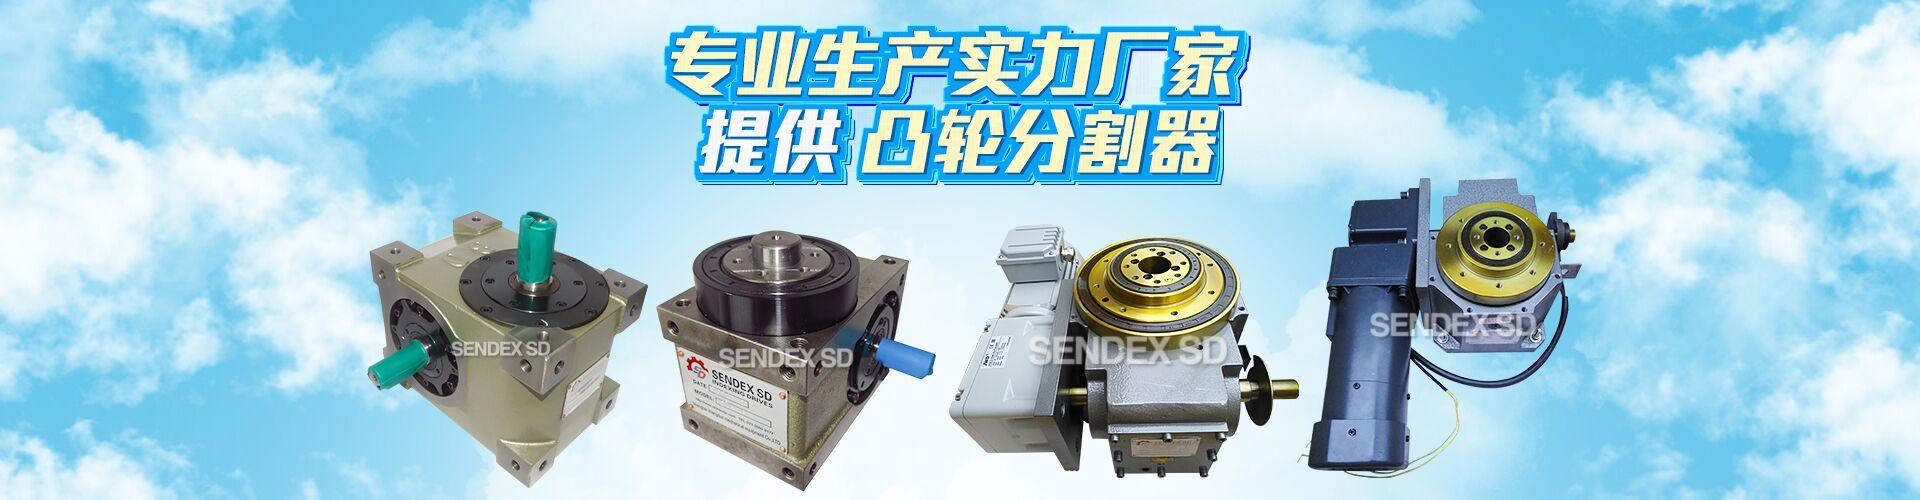 上海圣盾机械设备有限公司